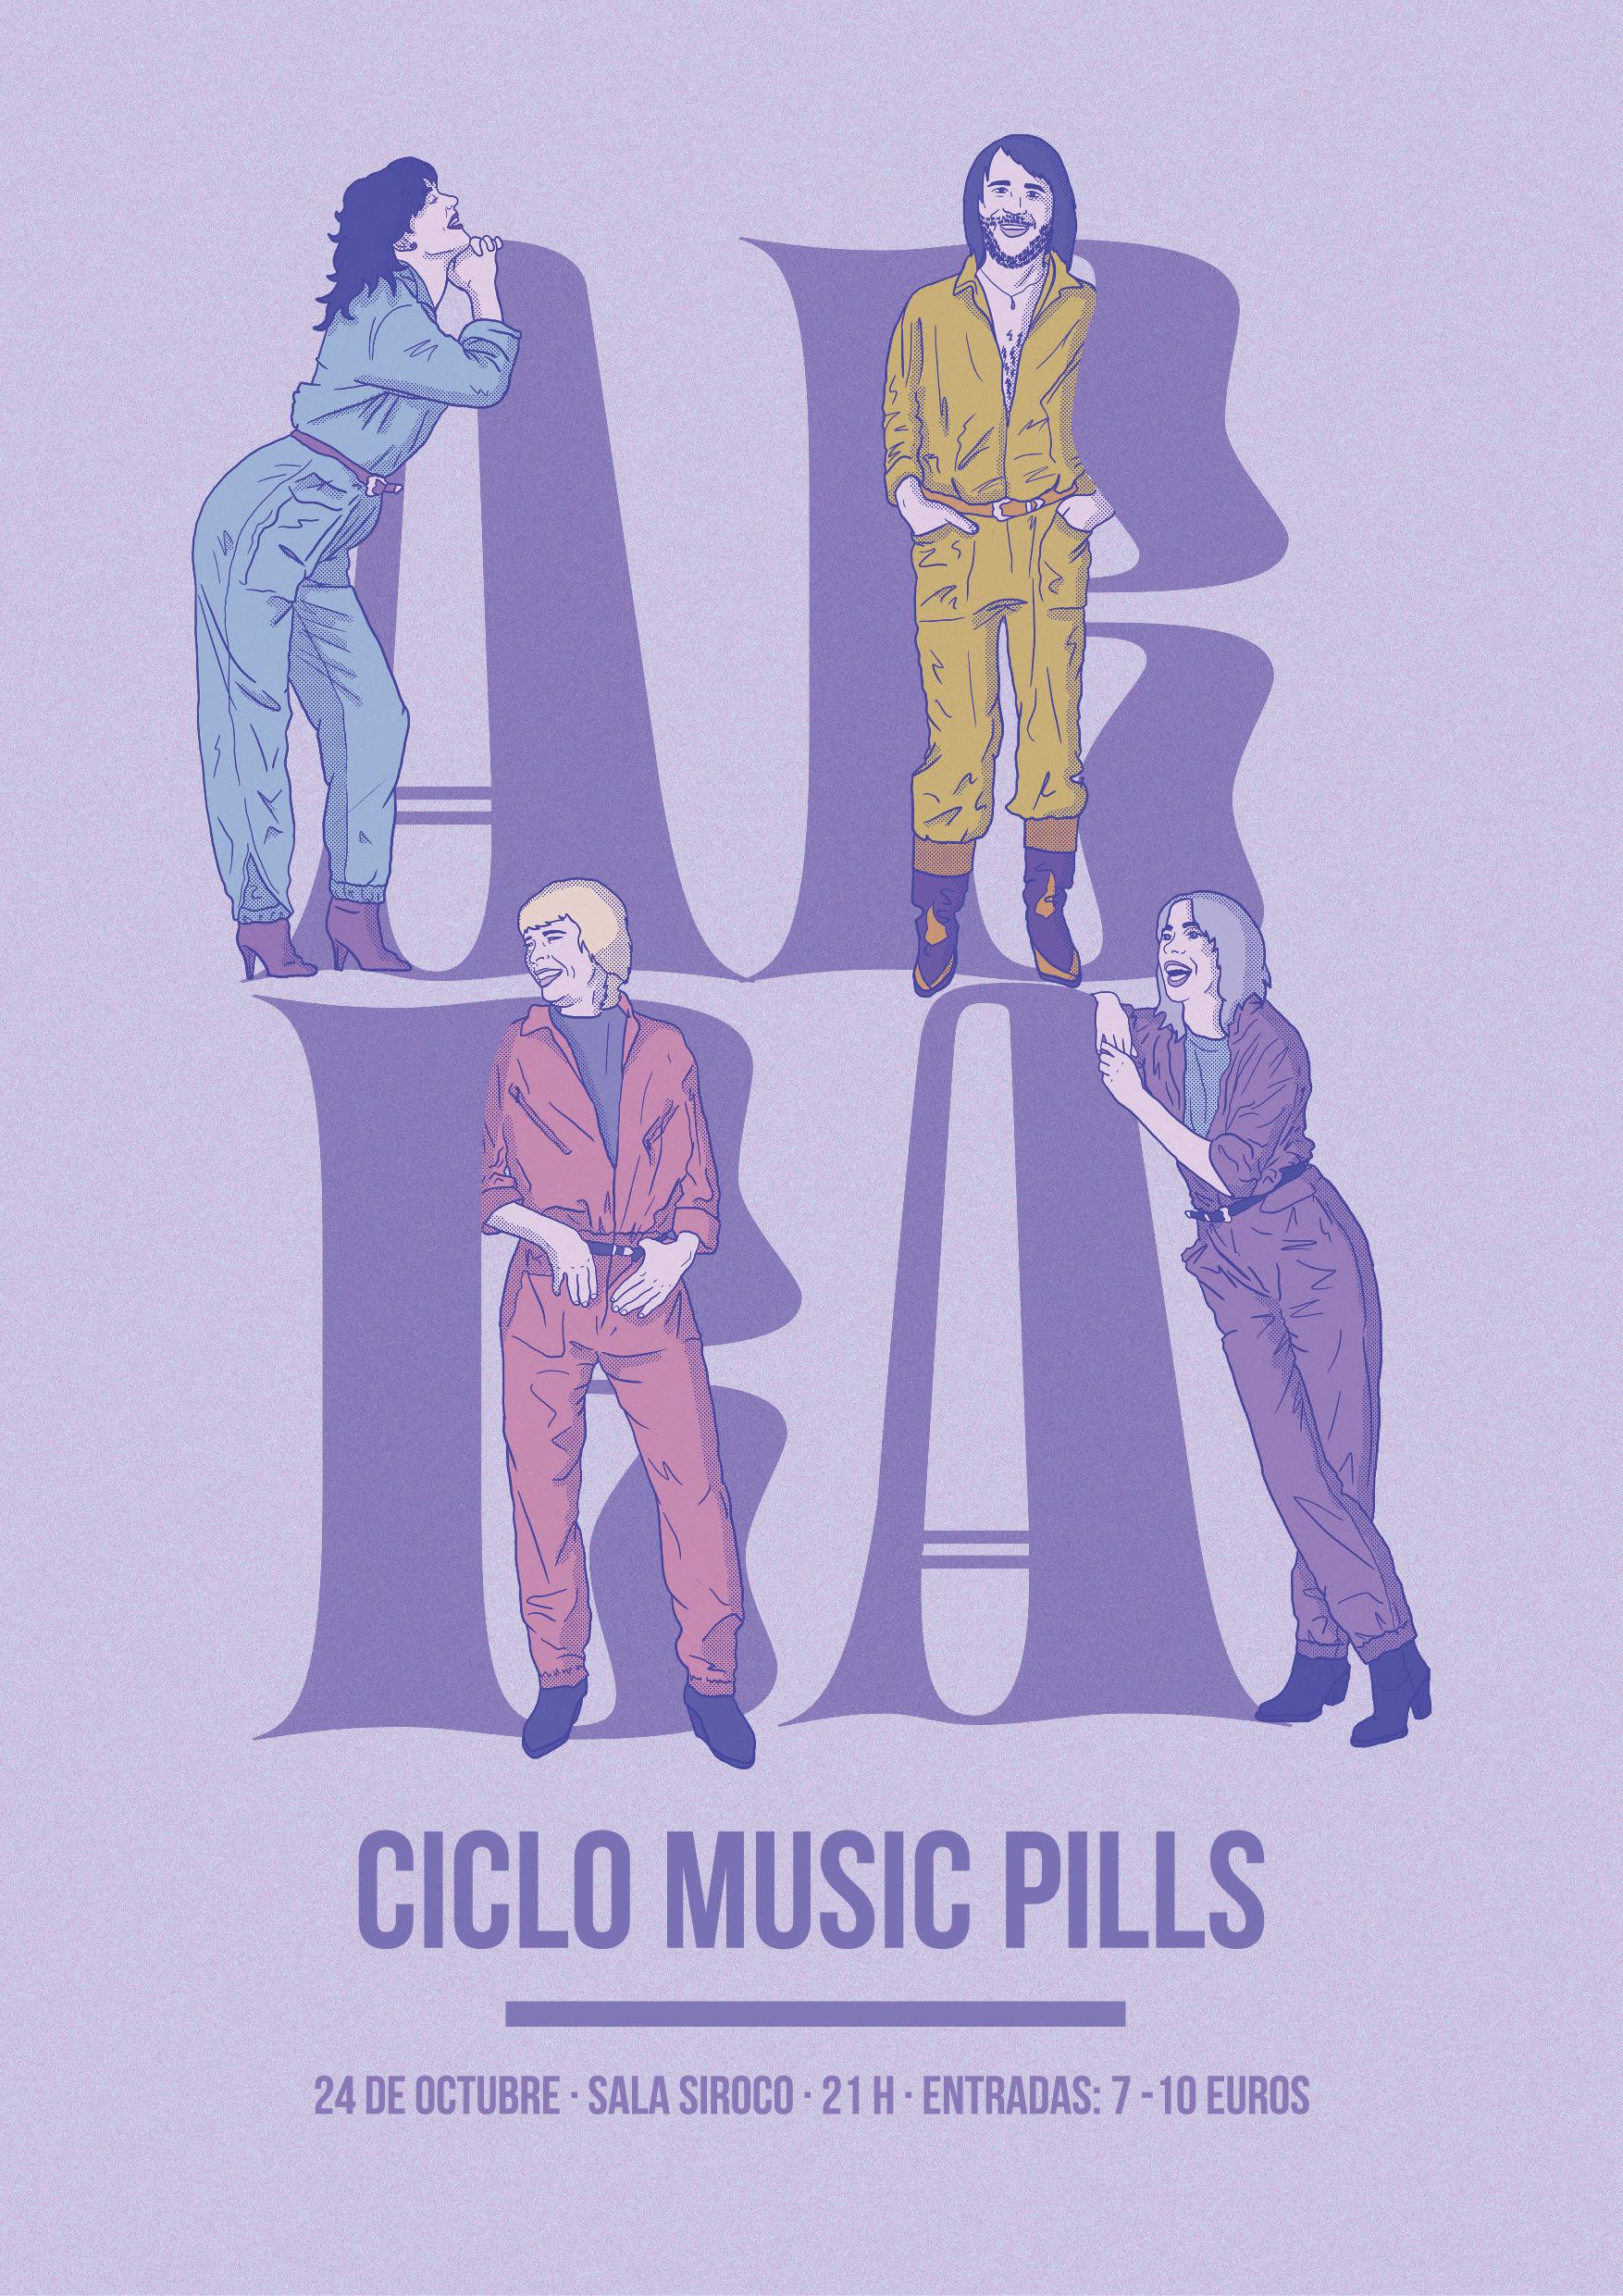 ARTÍCULO | El ciclo Music Pill se despide homenajeando a ABBA